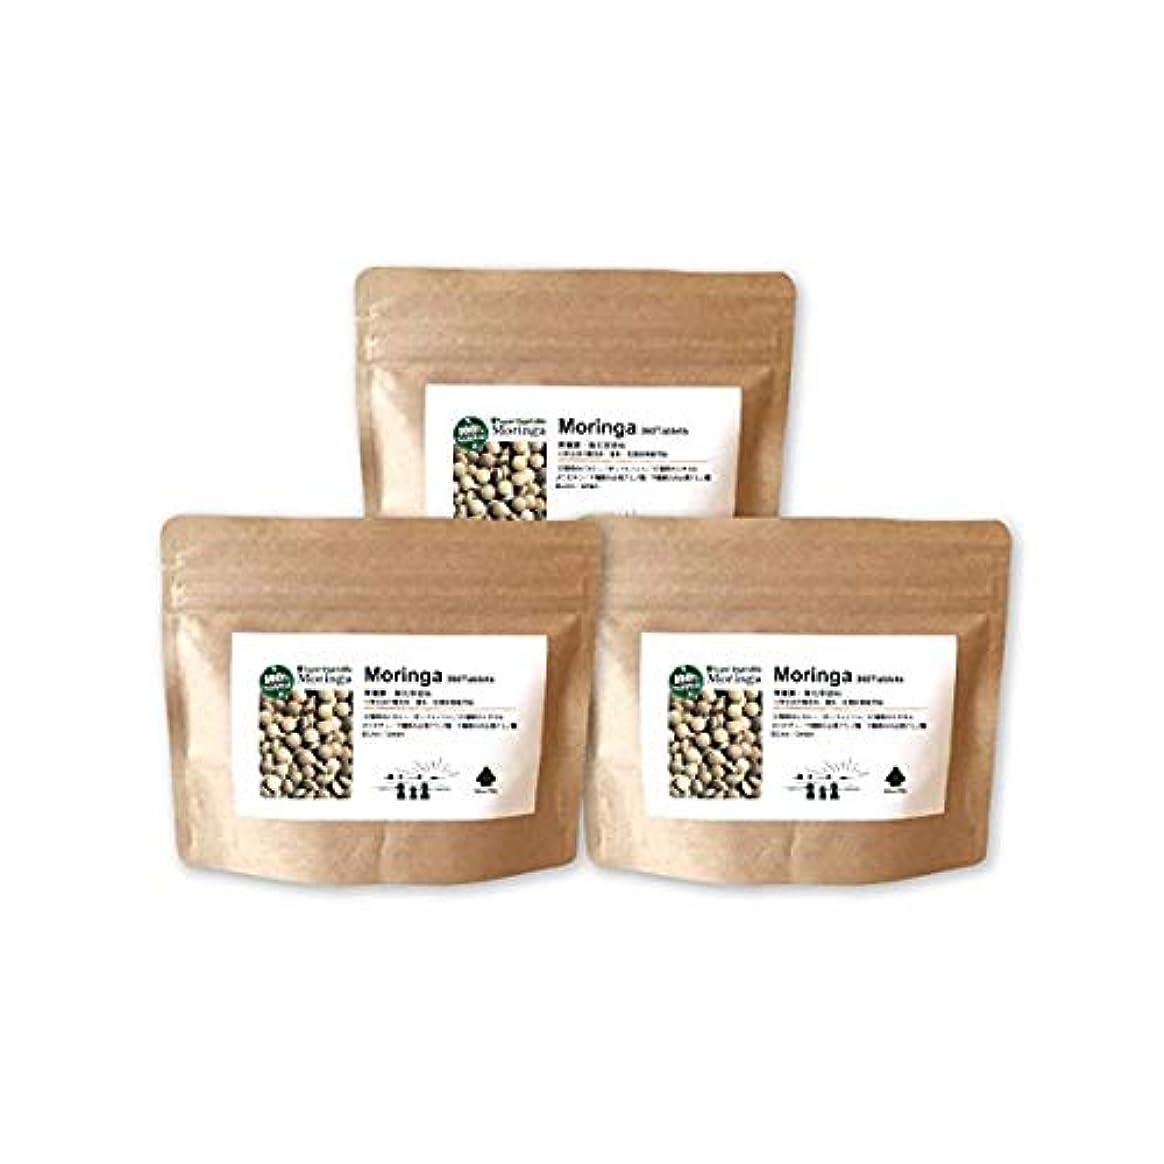 世辞間隔複雑なモリンガ粒(3個セット) 沖縄産の無農薬?無化学肥料栽培モリンガ葉使用